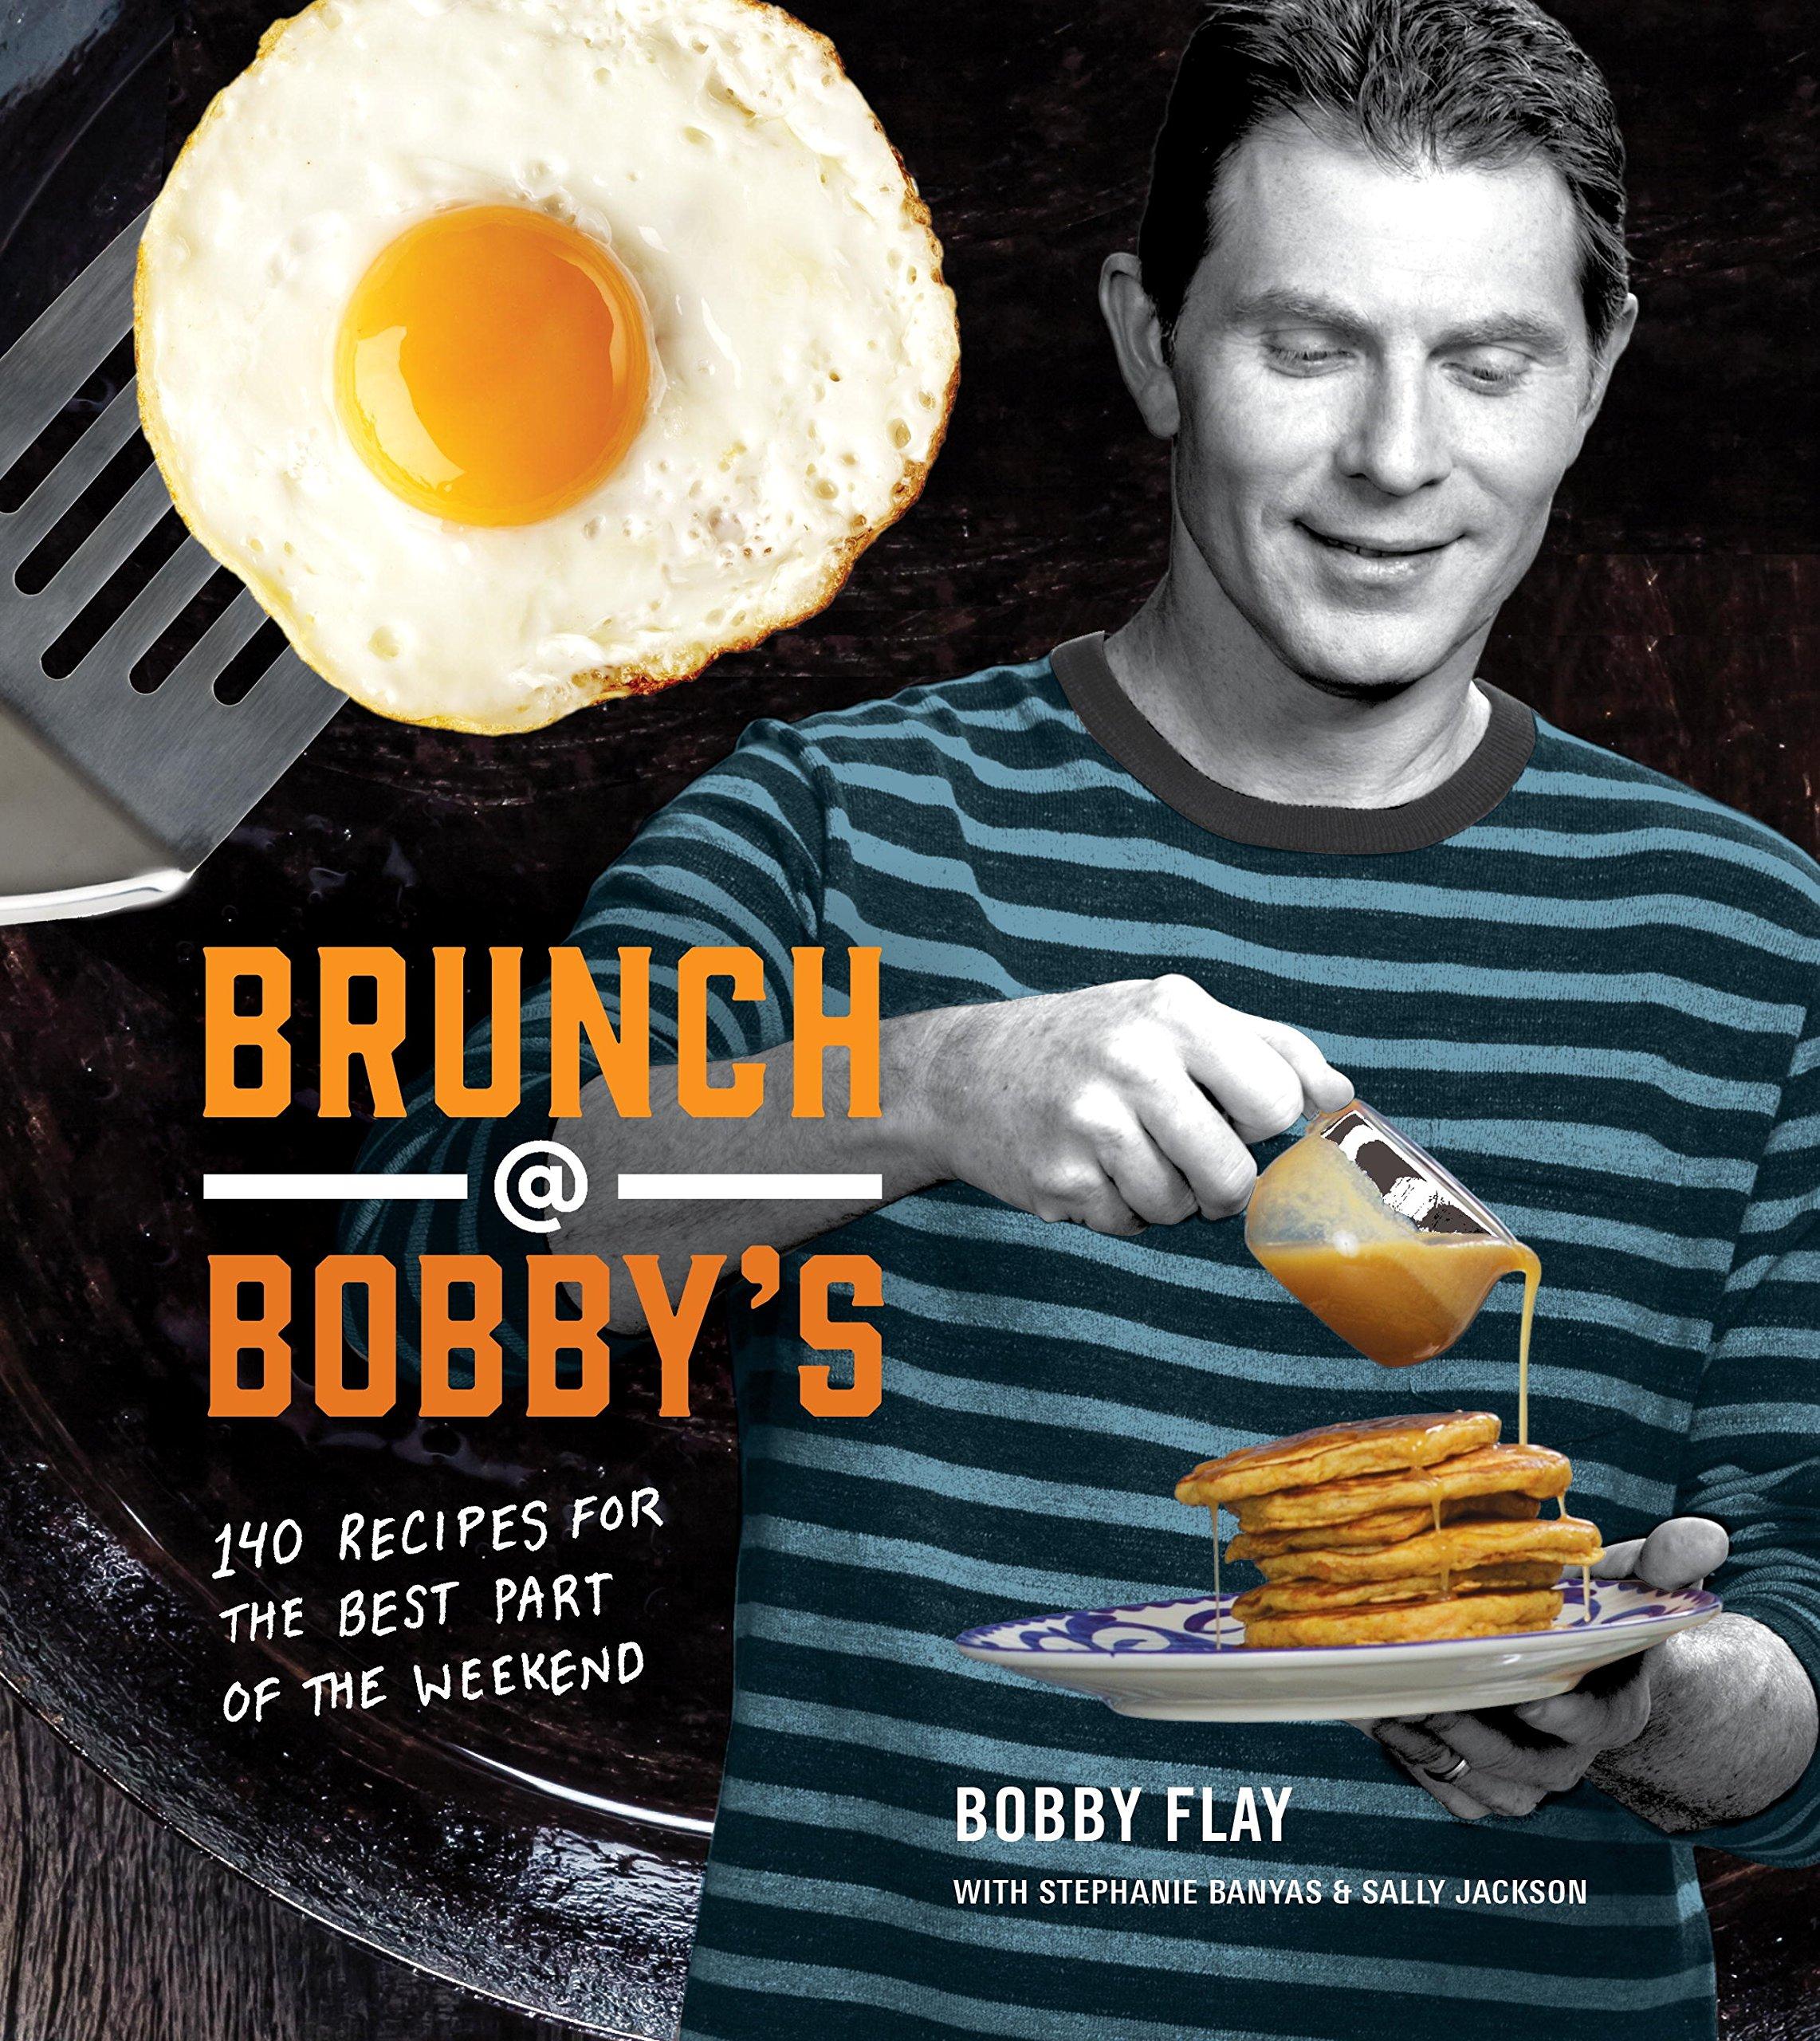 Brunch at Bobby's cookbook